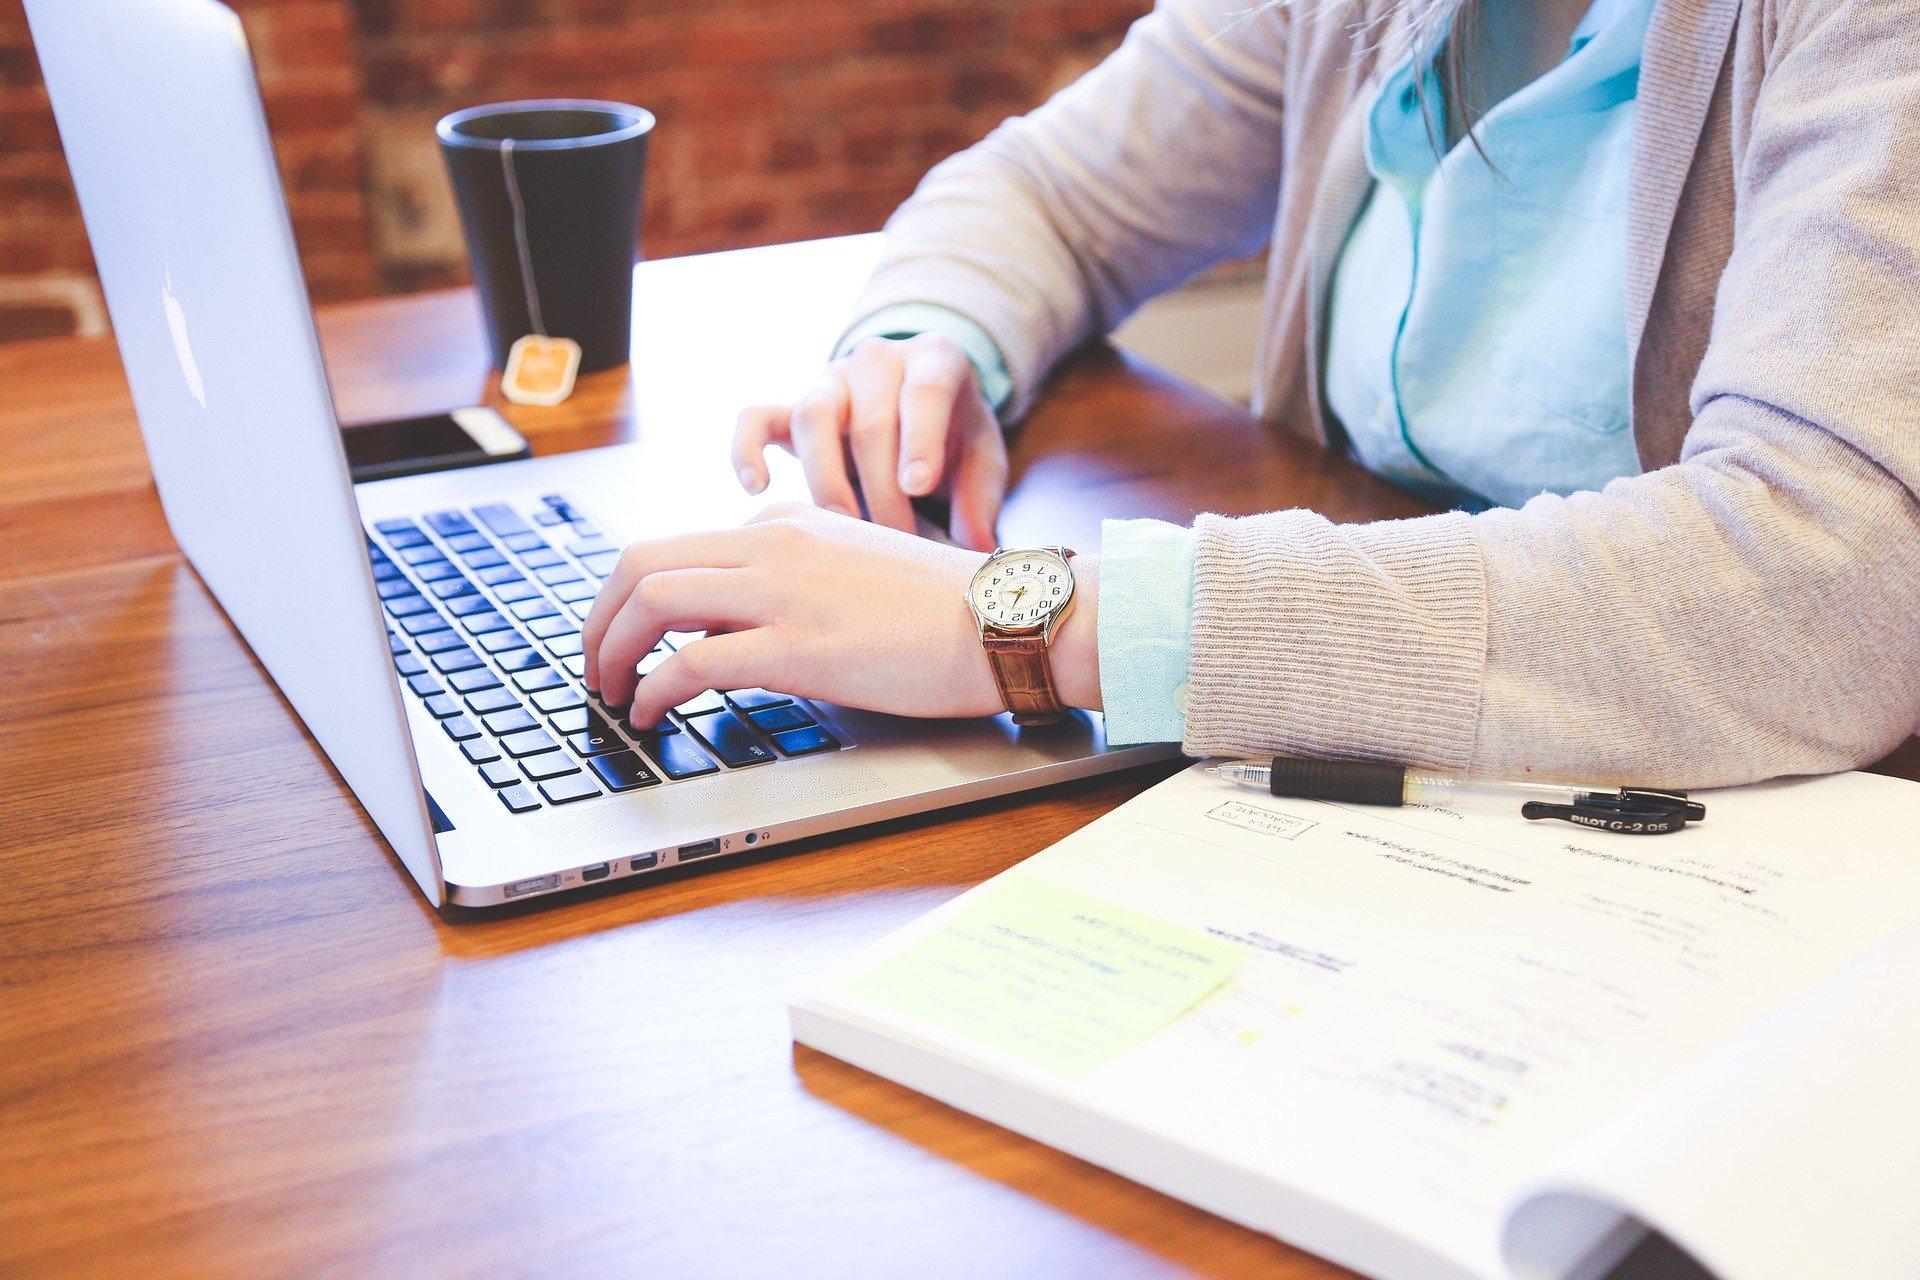 ΑΑΔΕ – myDATA: Οι πρώτες 4 άδειες για λογισμικά ψηφιακής τιμολόγησης